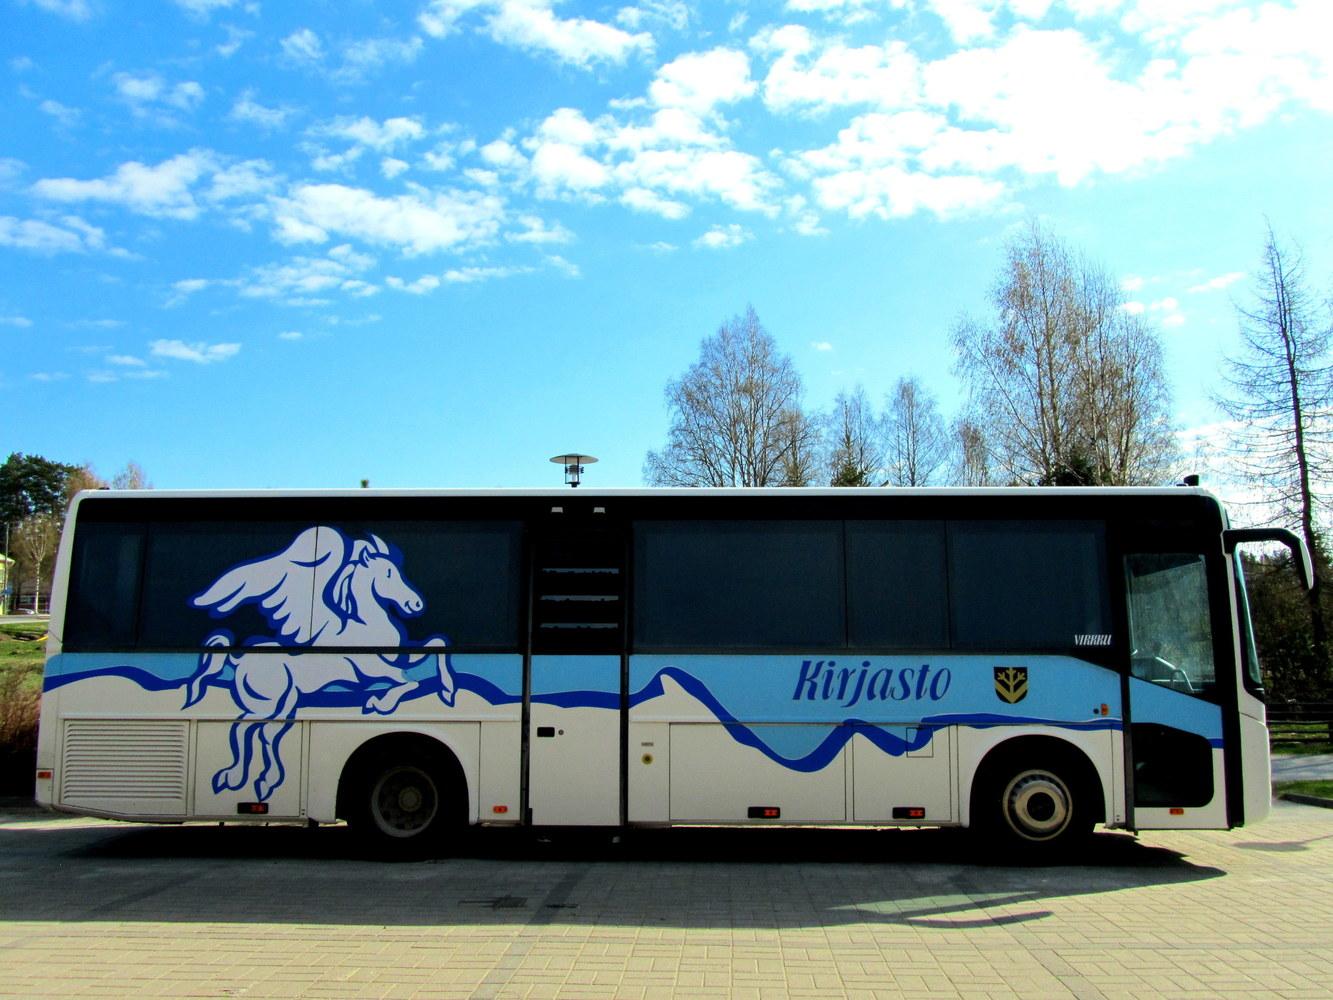 Vieremän kirjastoauto Virkku